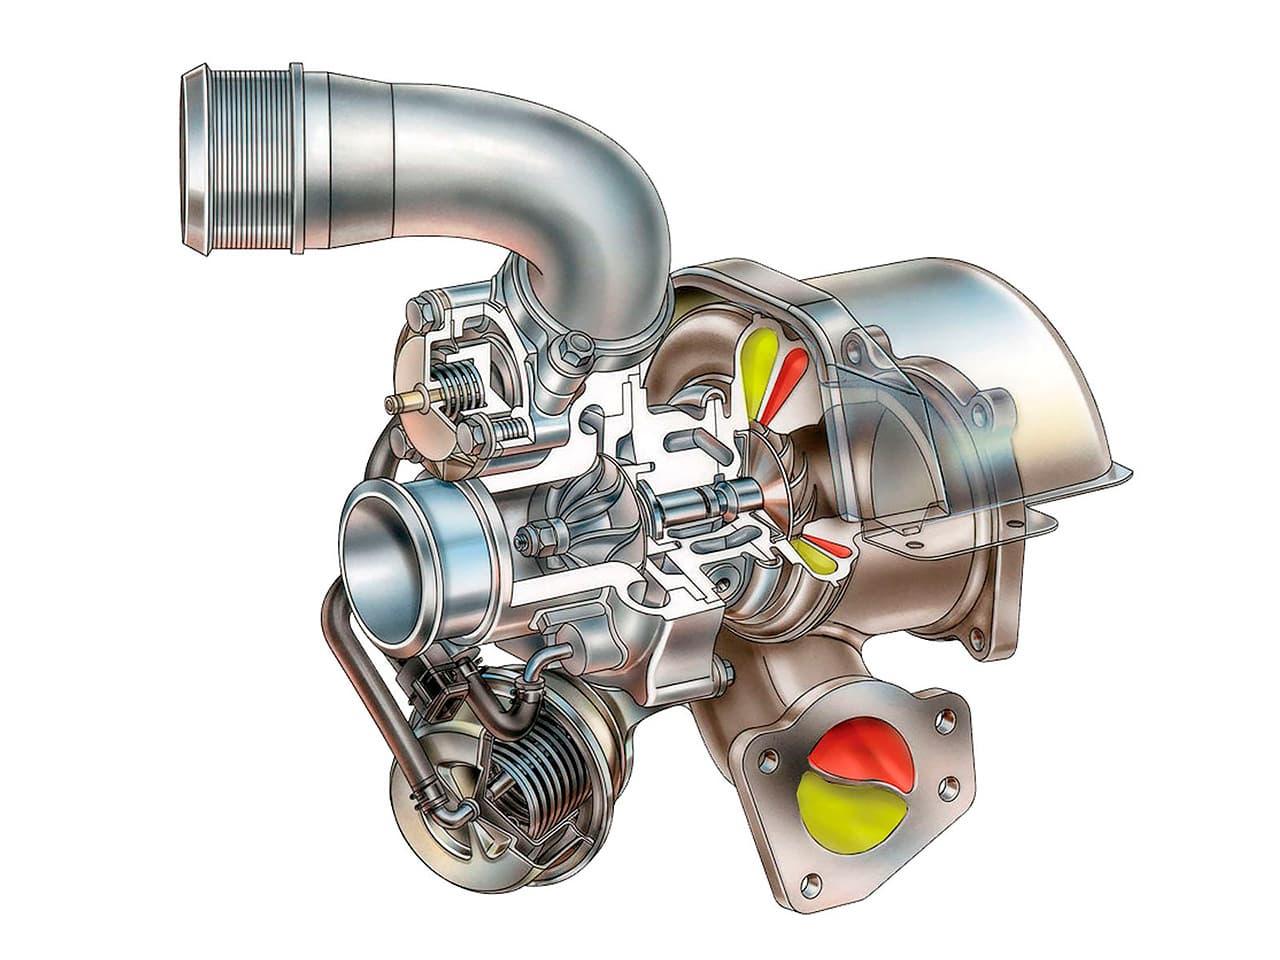 результате турбокомпрессор дизельного двигателя картинки услуг